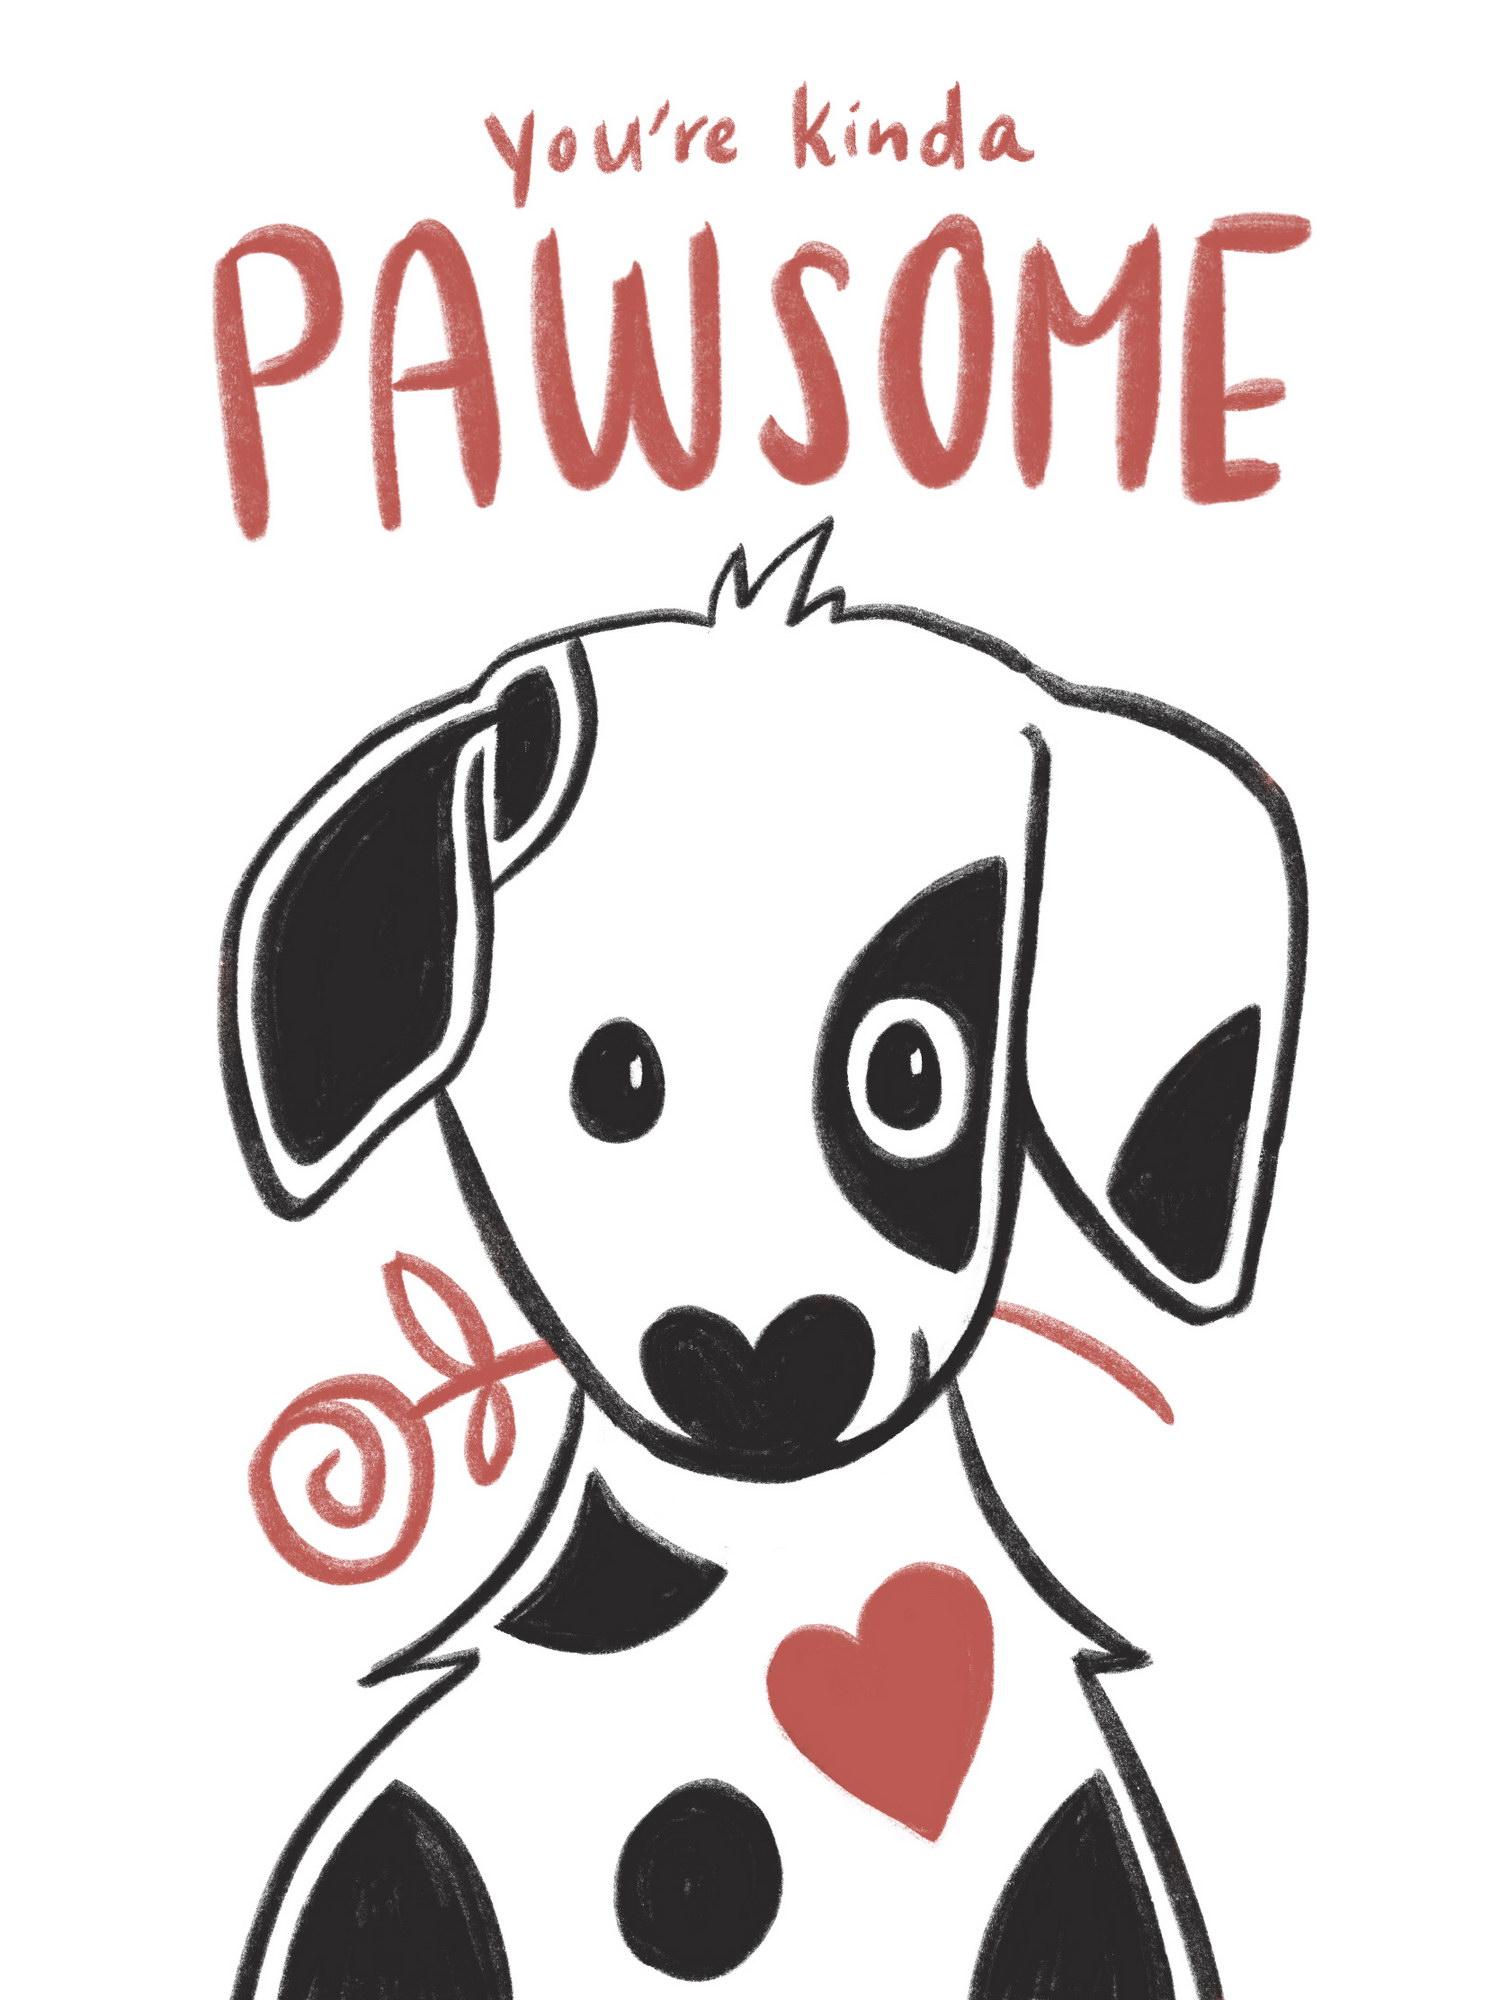 You're Kinda Pawsome